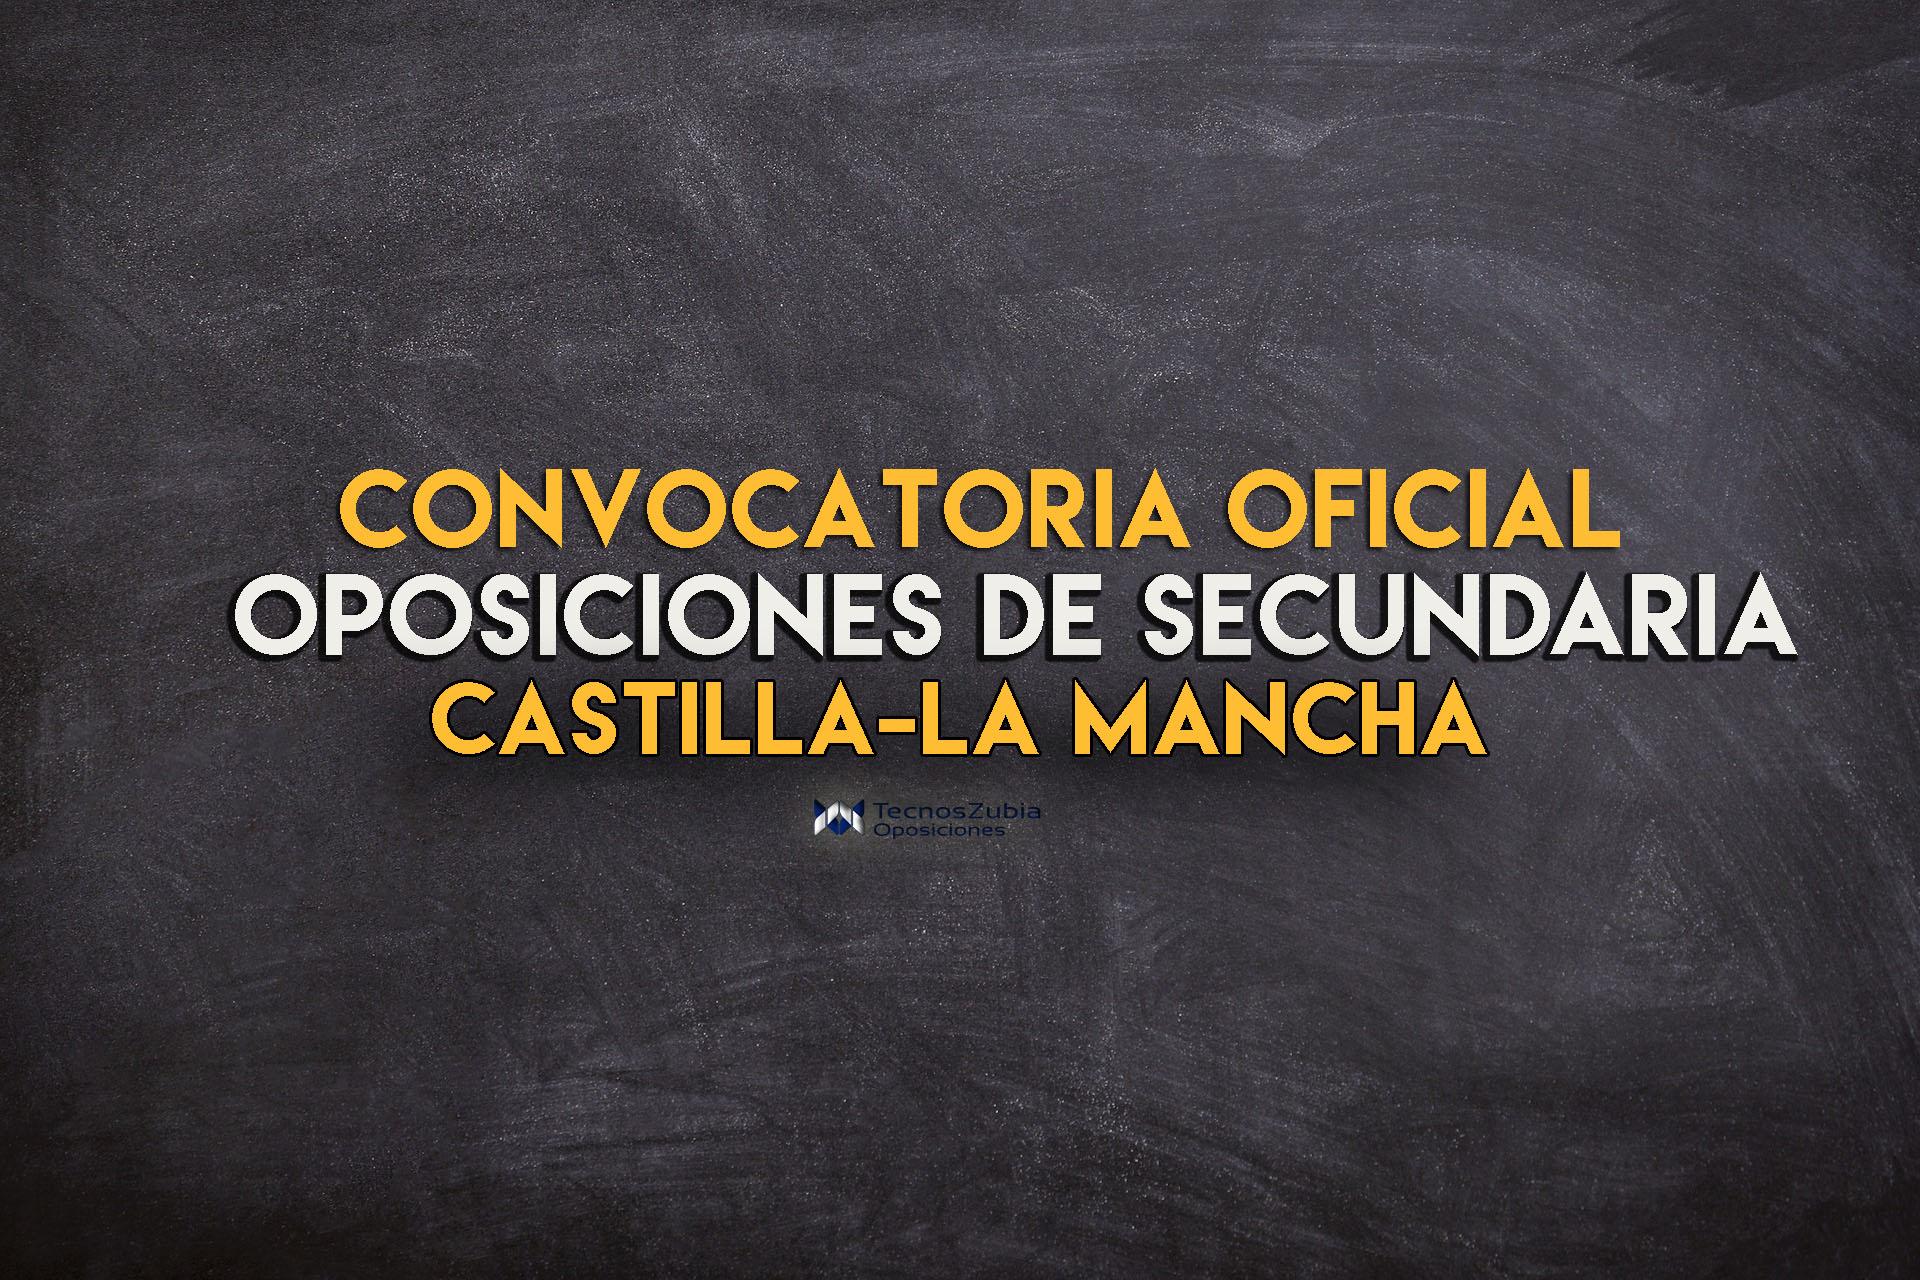 Convocadas las oposiciones de Secundaria en Castilla-La Mancha 2020